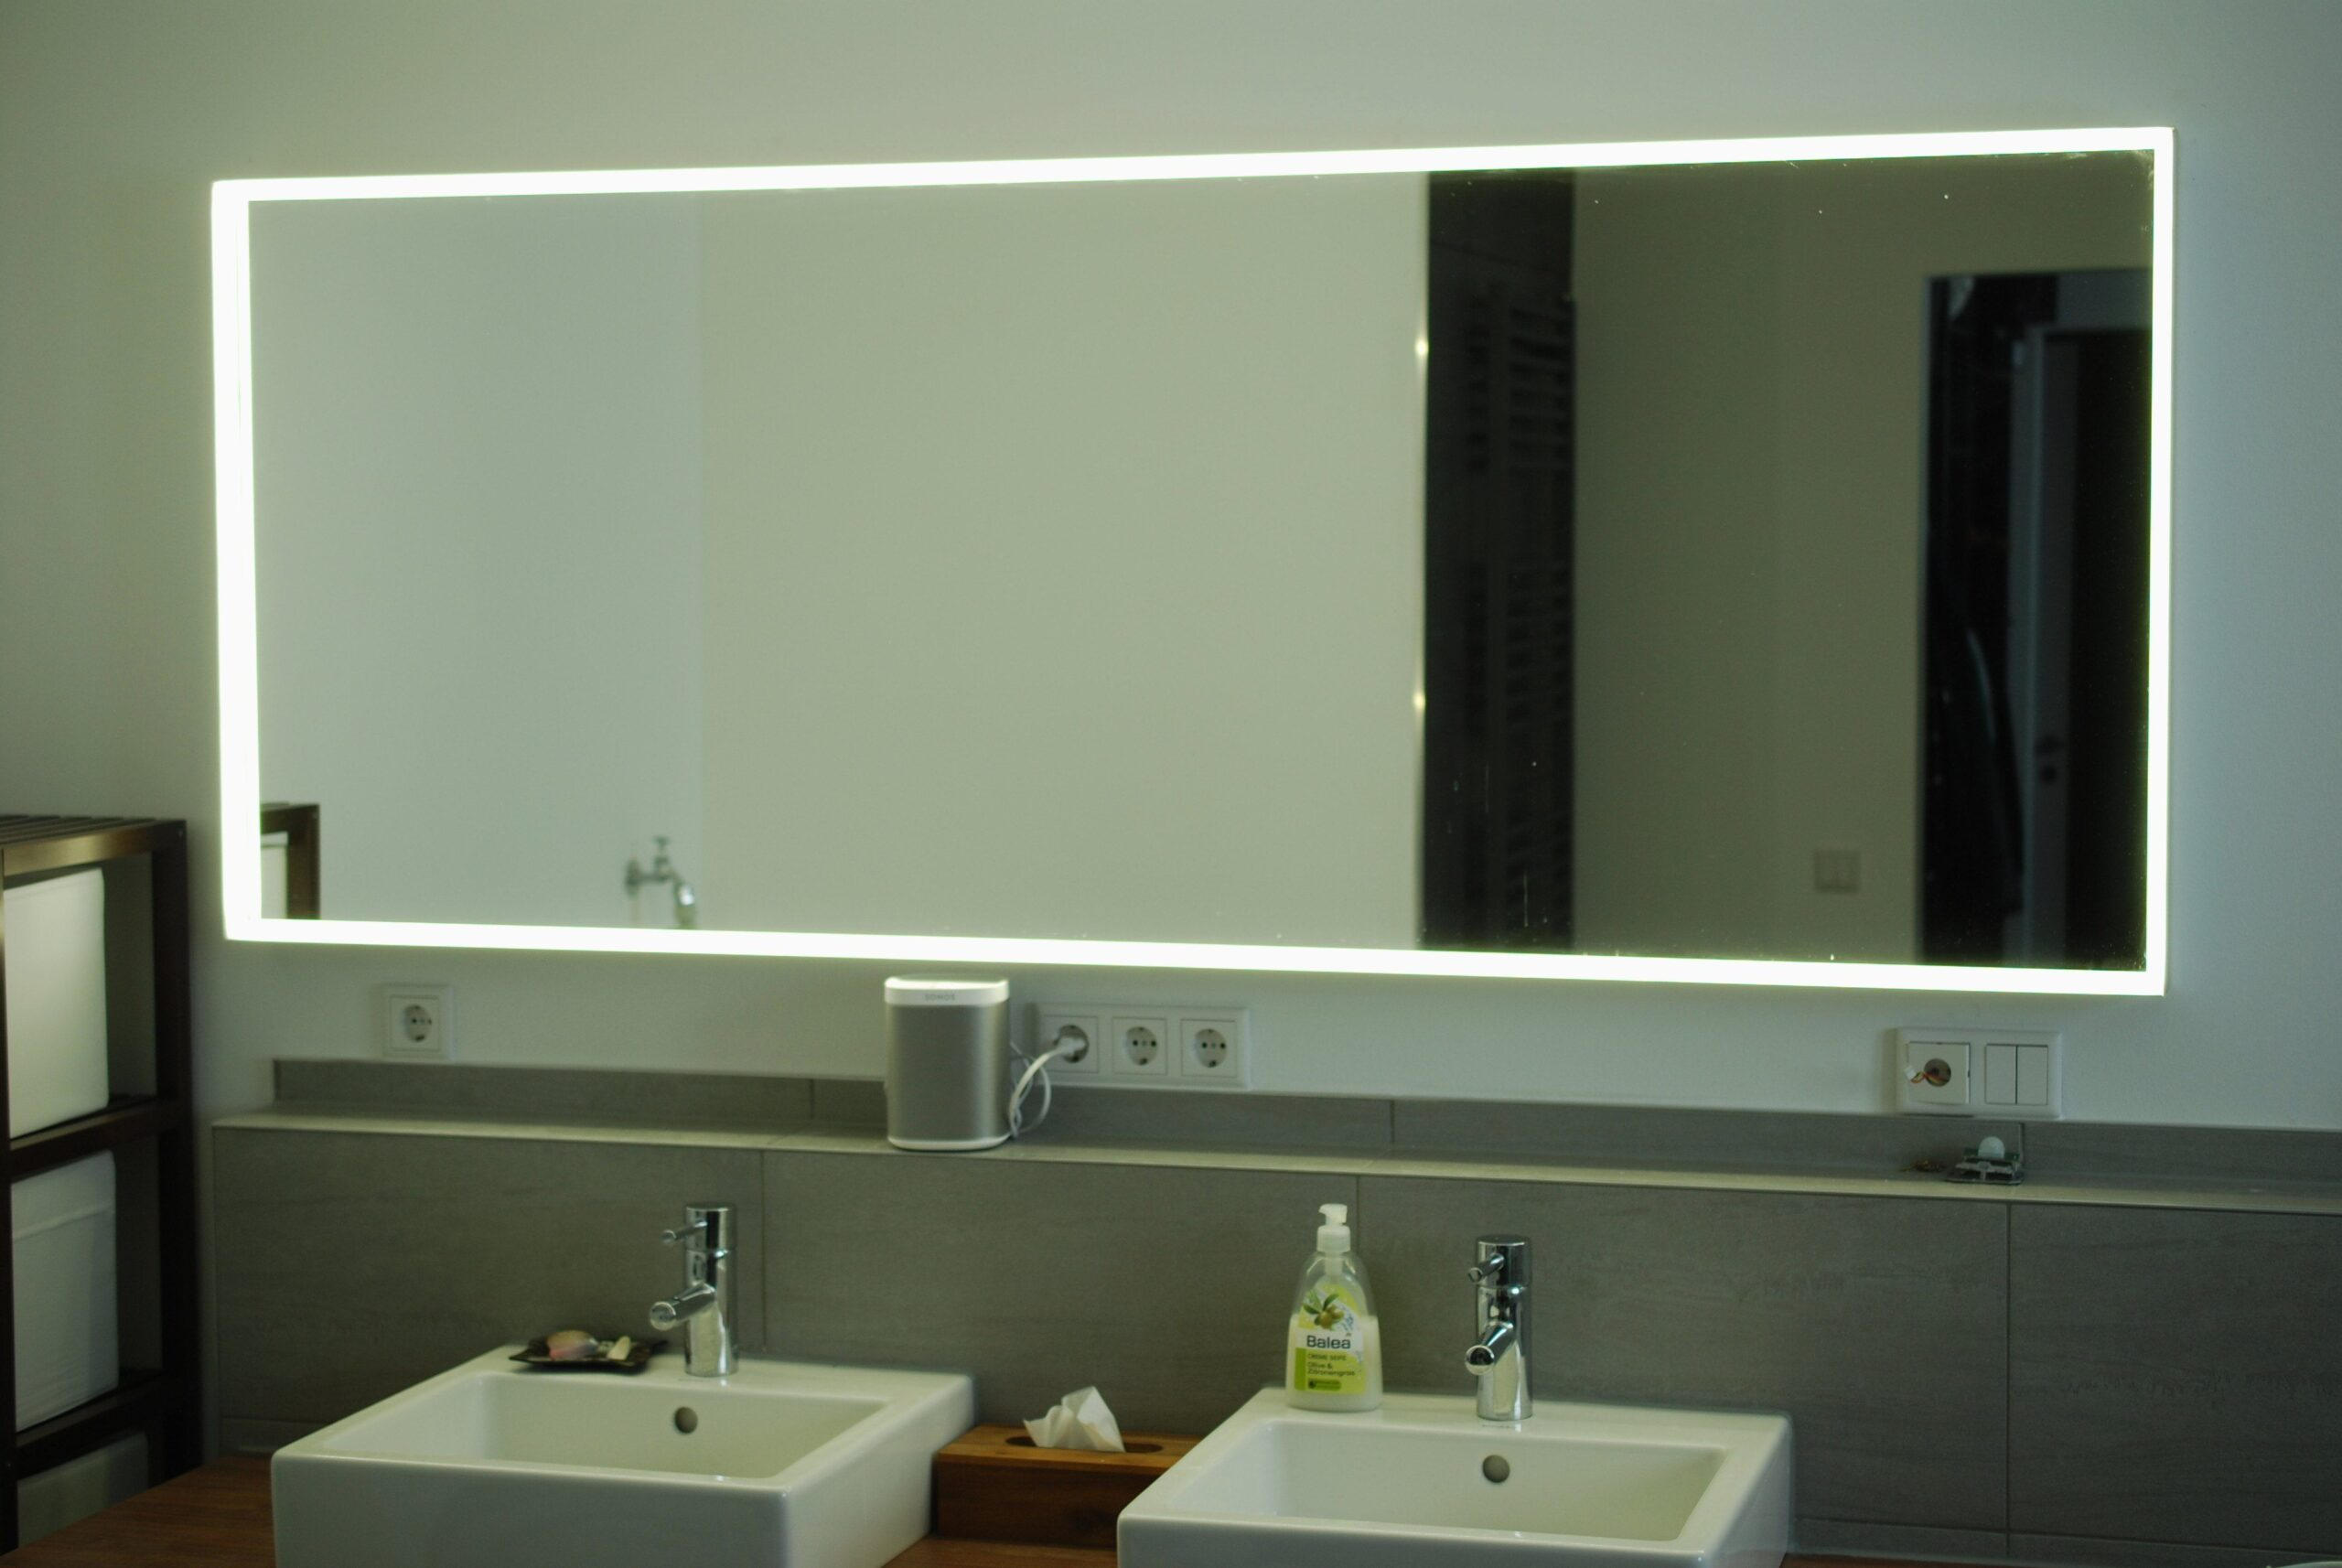 Full Size of Lampen Obi Lampe Obituary Led E27 Deckenleuchten Decke Batterie Mike Mit Bewegungsmelder Badezimmer Spiegel Einbauküche Wohnzimmer Bad Designer Esstisch Wohnzimmer Lampen Obi